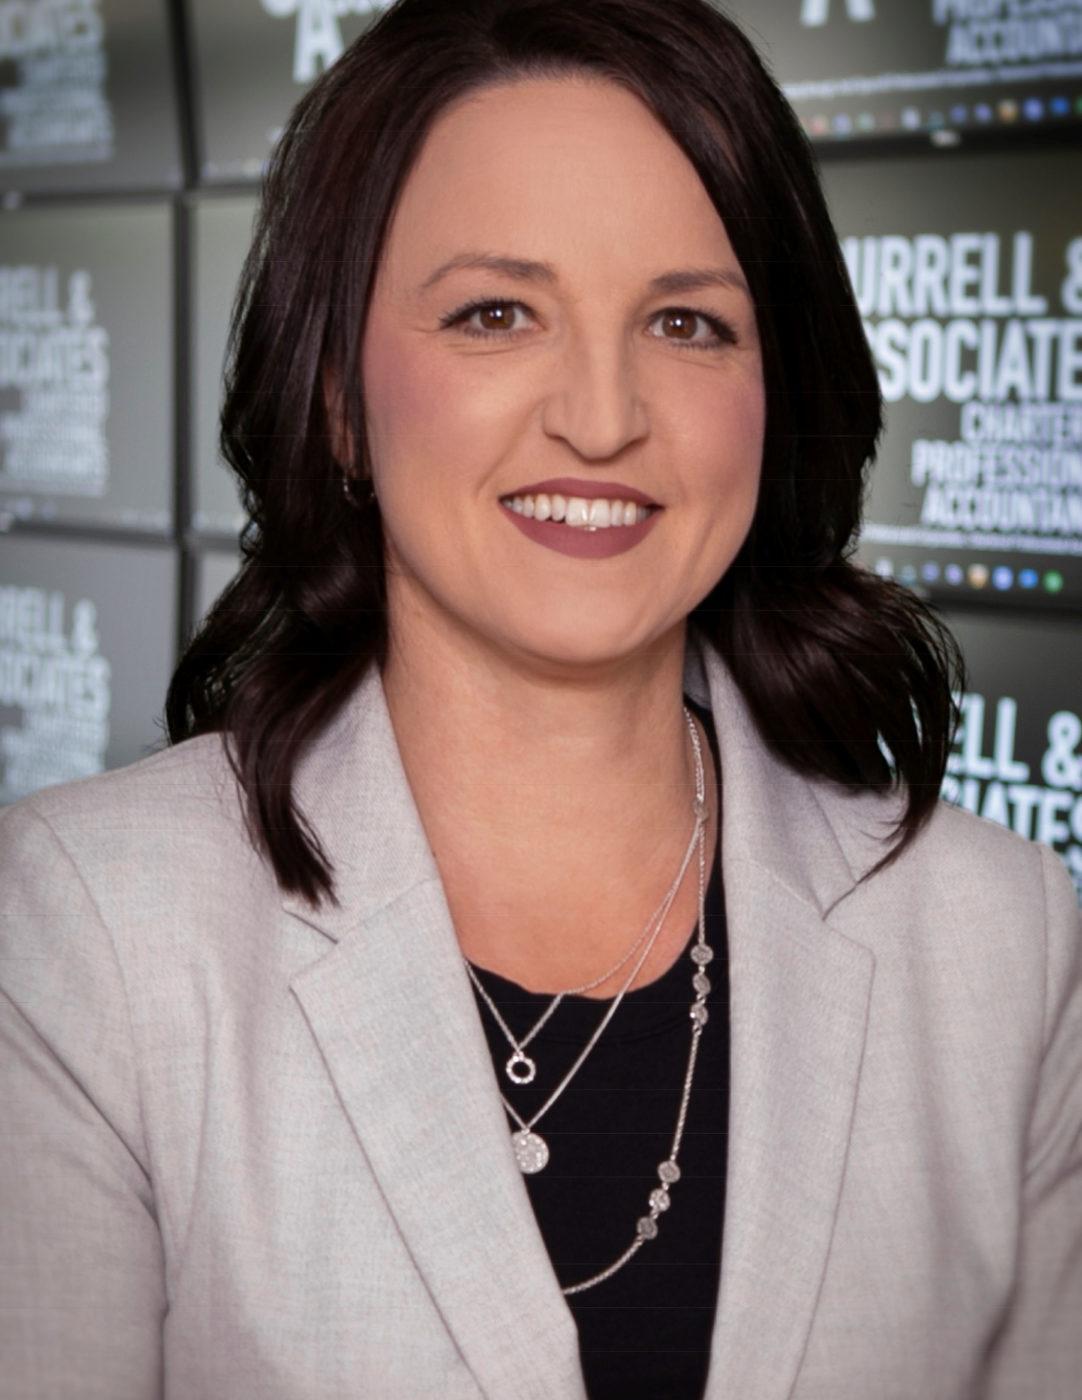 Karen Samons